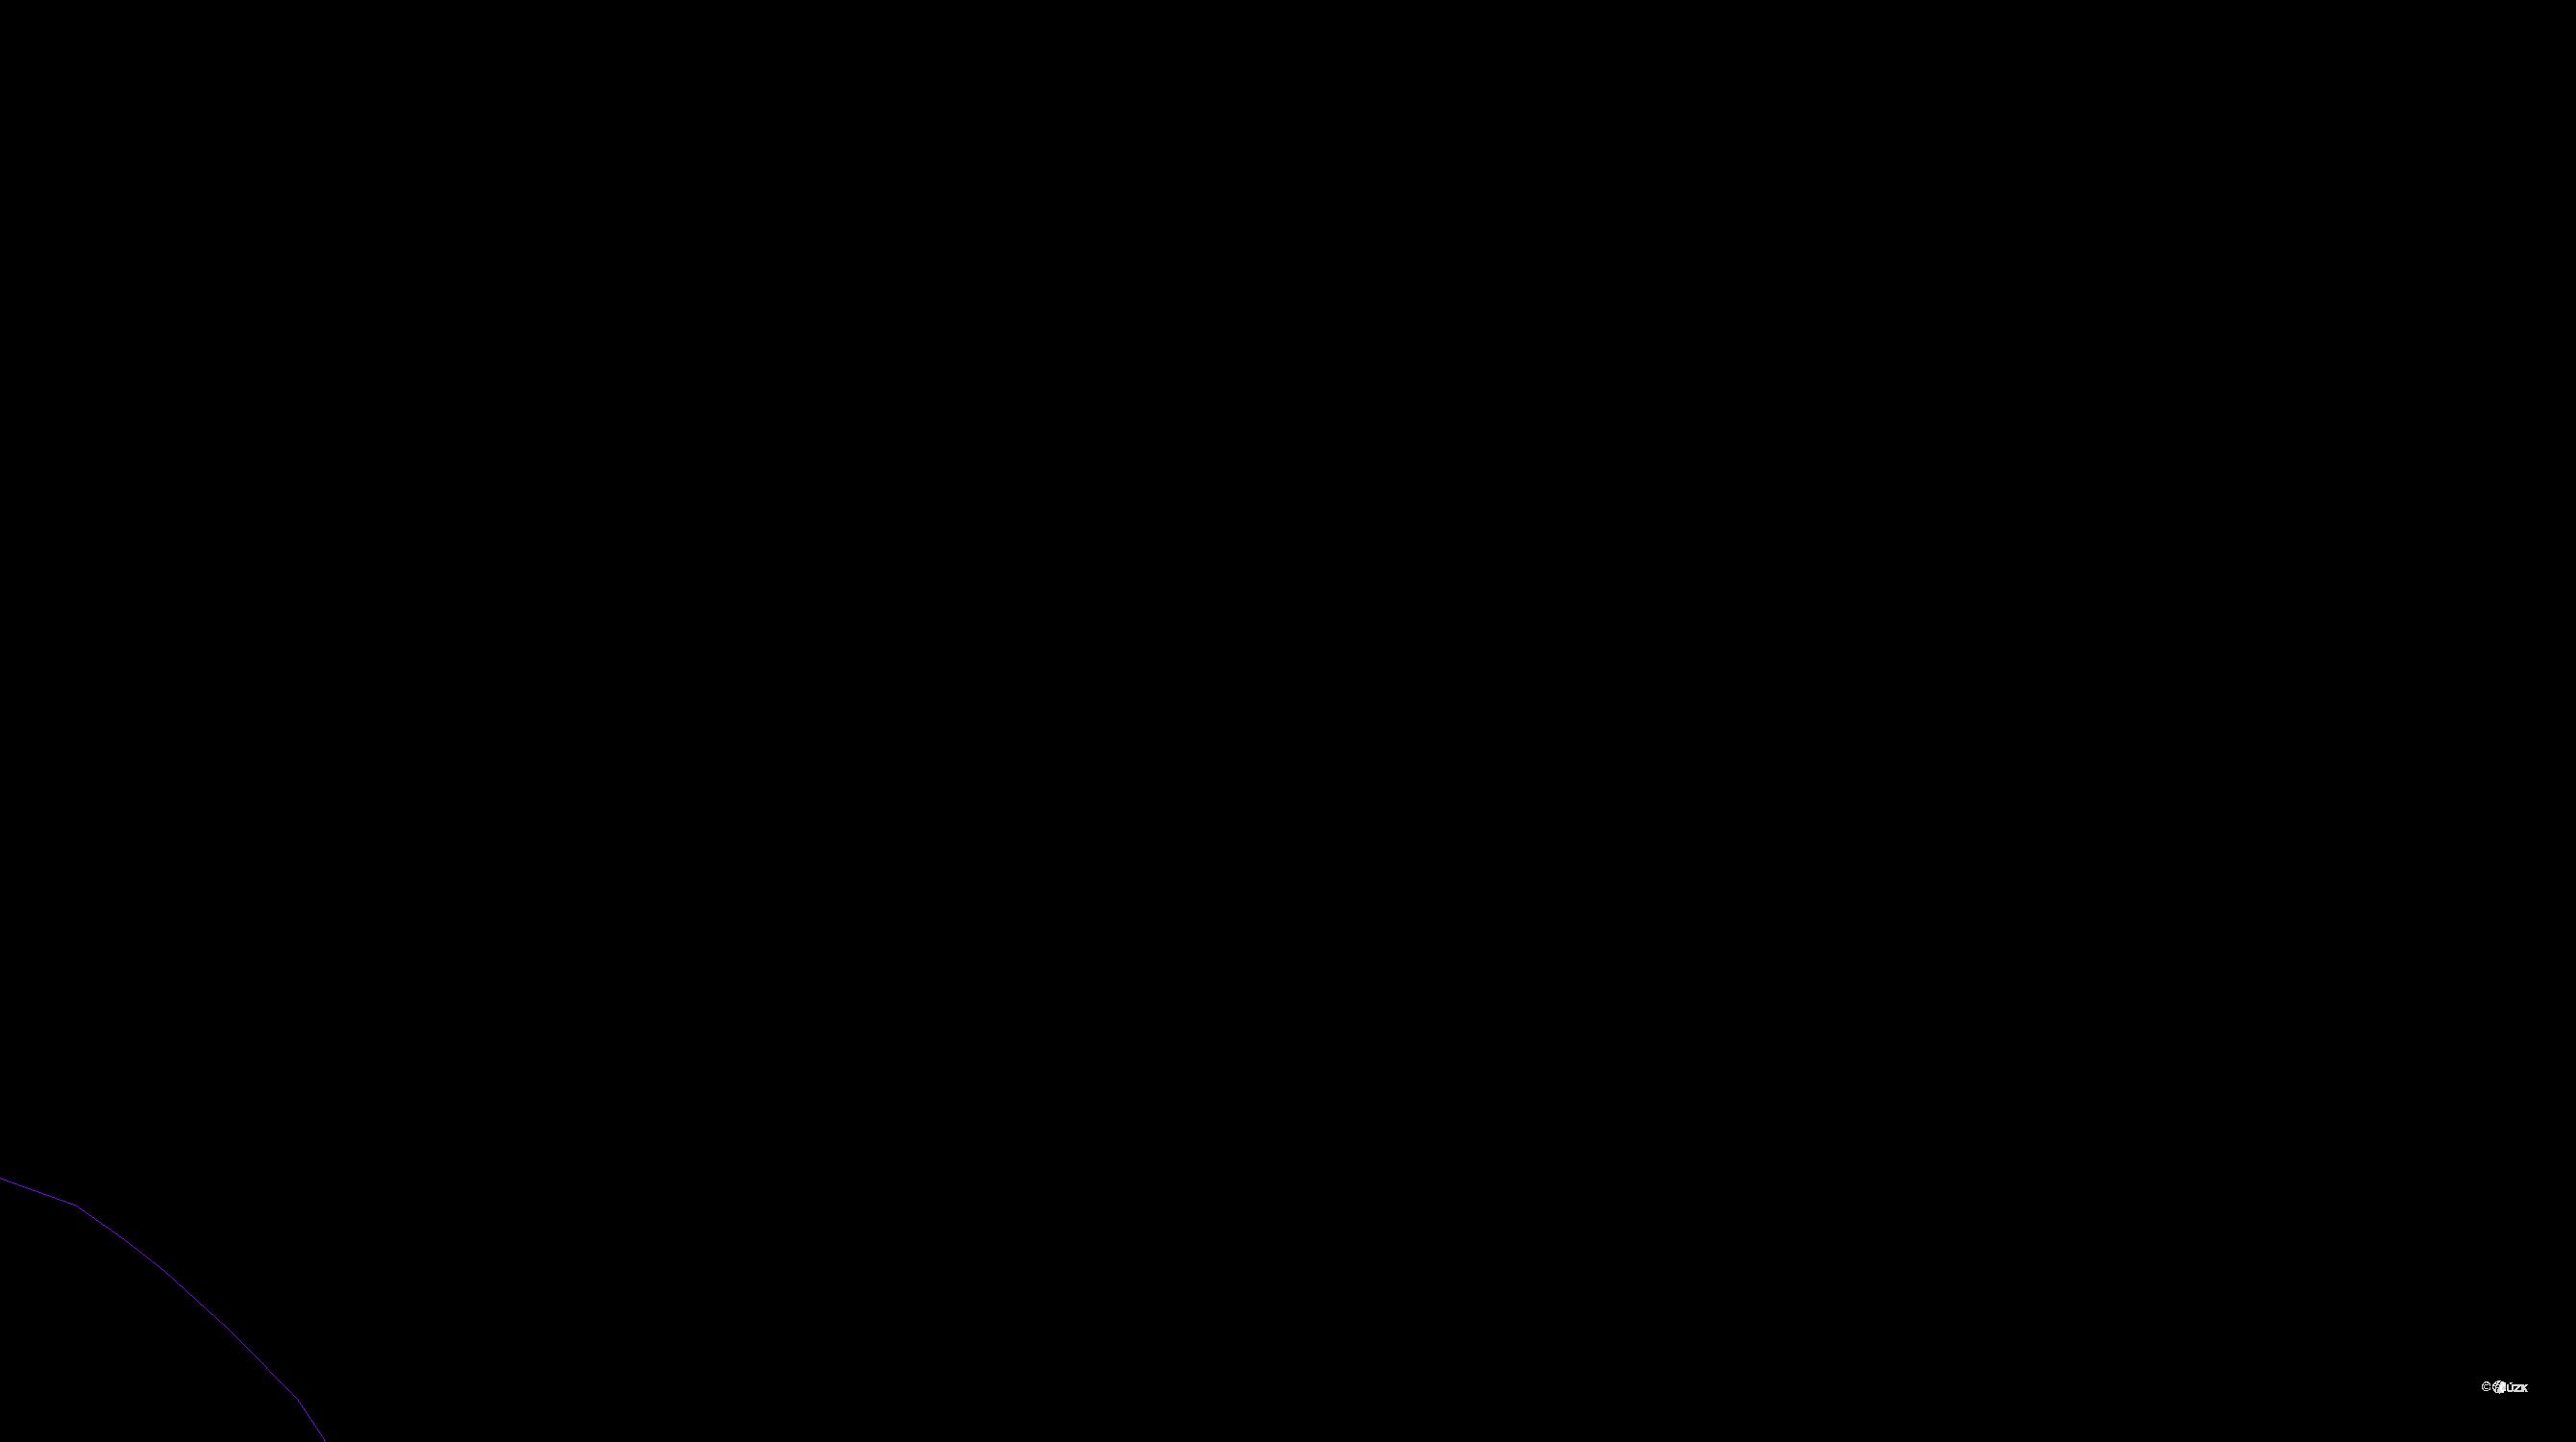 Katastrální mapa pozemků a čísla parcel Rýnovice